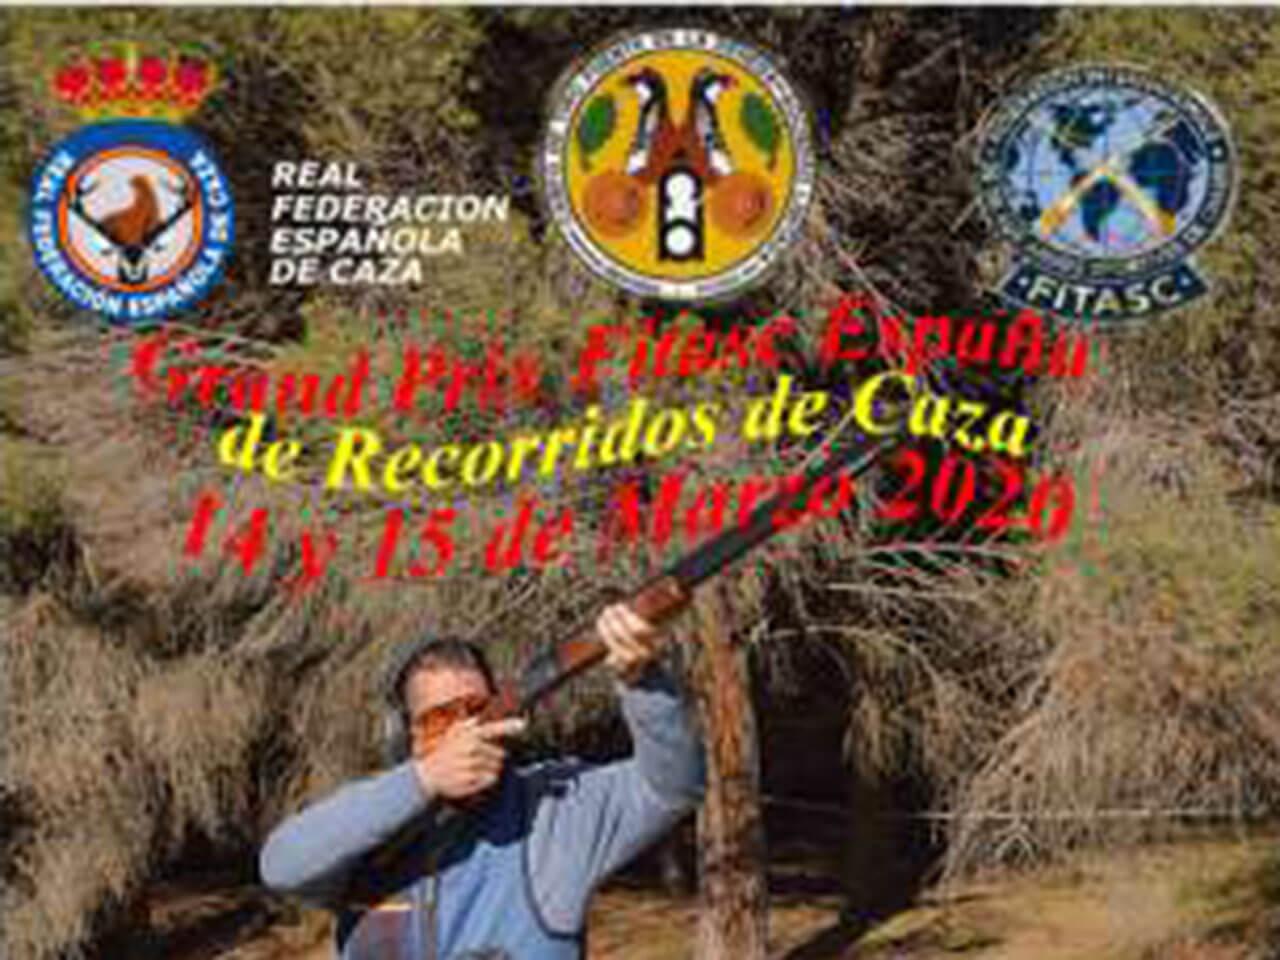 El Gran Prix FITASC de España de Recorridos de Caza - Trofeo Browning cerrará su plazo de inscripción el próximo 10 de marzo